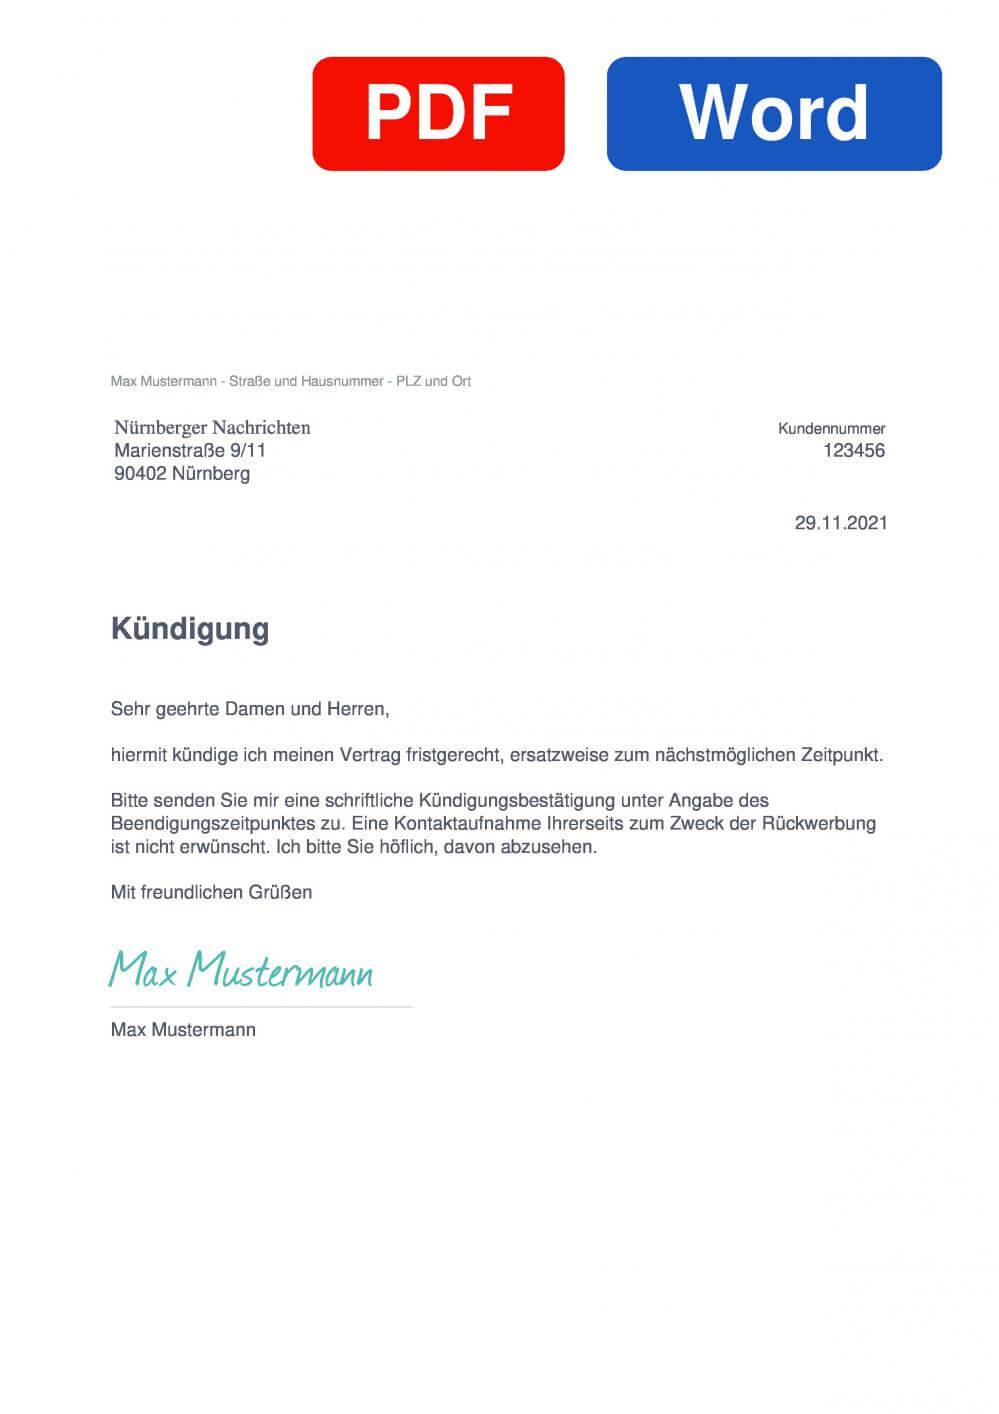 Nürnberger Nachrichten Muster Vorlage für Kündigungsschreiben